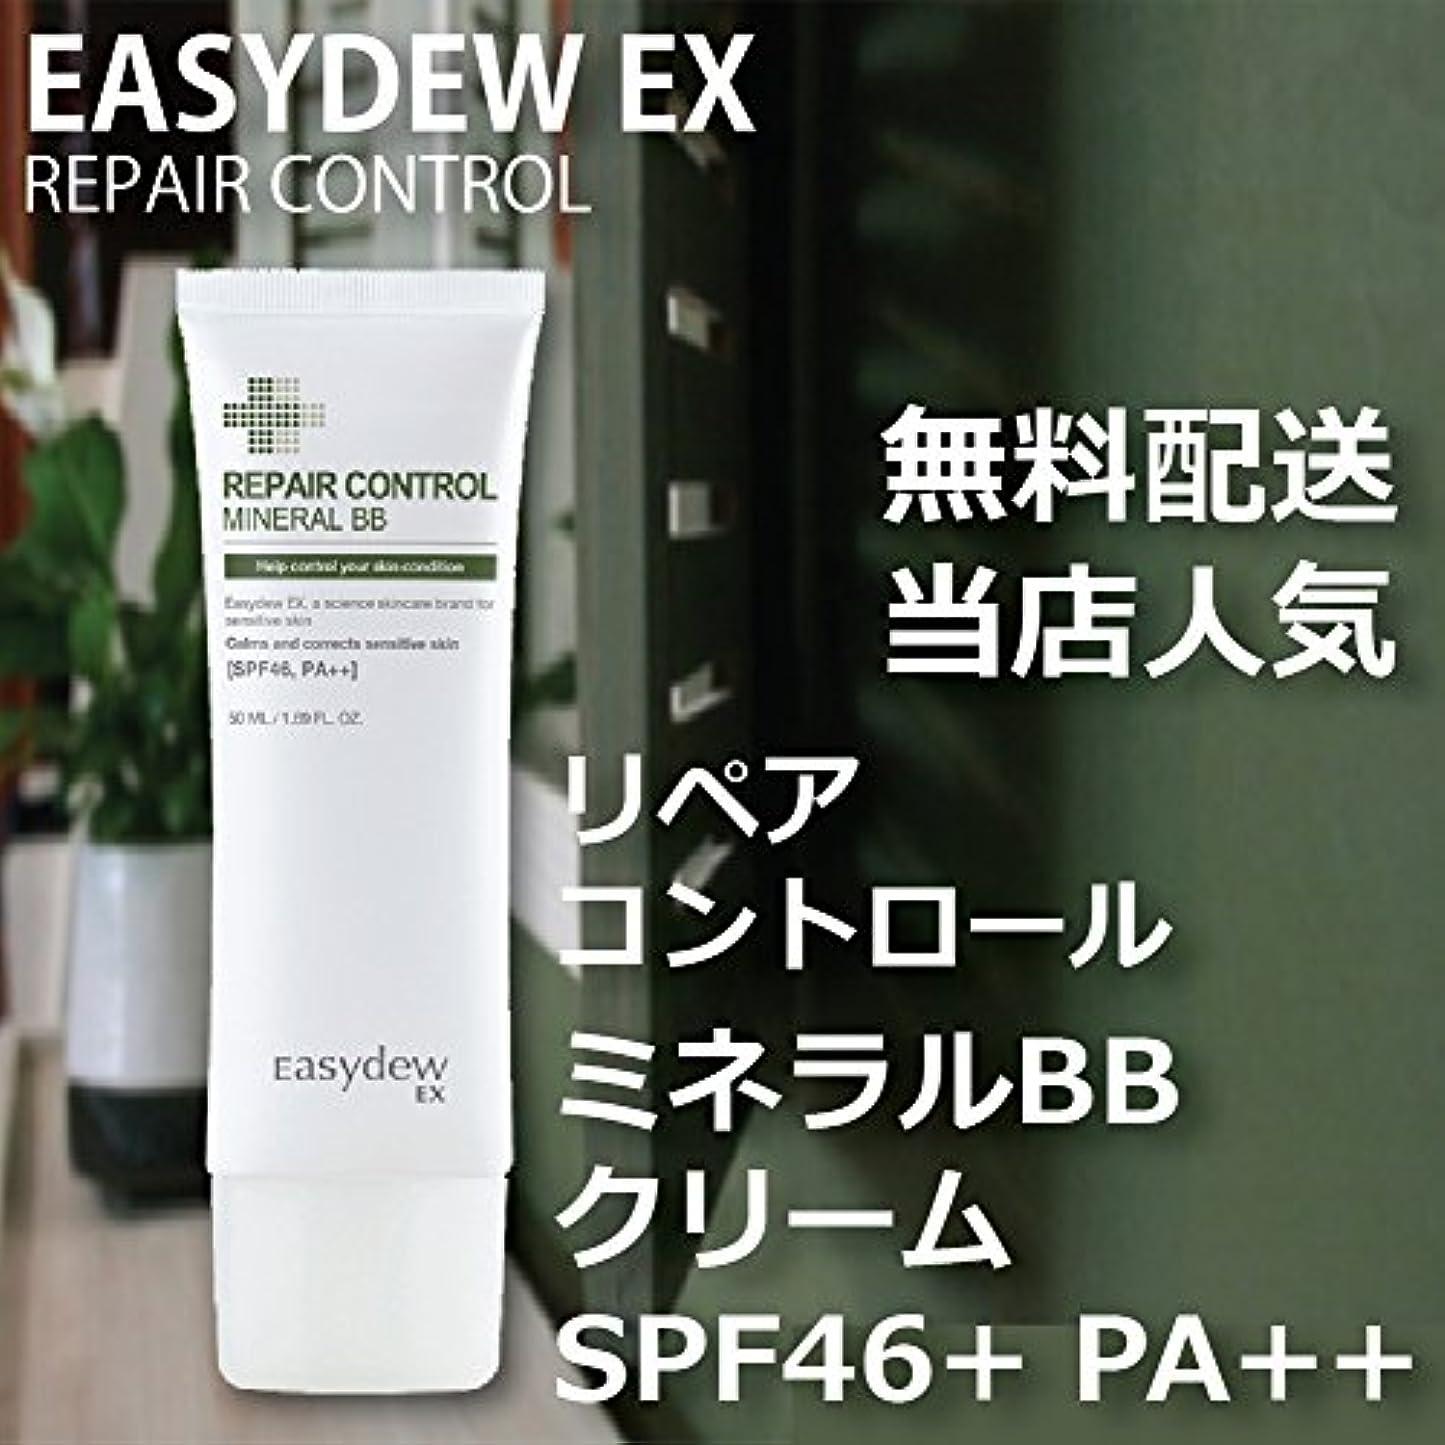 くすぐったい成人期克服するEASY DEW EX ミネラル BBクリーム SPF46+ PA++ 50ml MINRAL BB CREAM 韓国 人気 コスメ イージーデュー 敏感 乾燥 美白 しわ 3重機能性